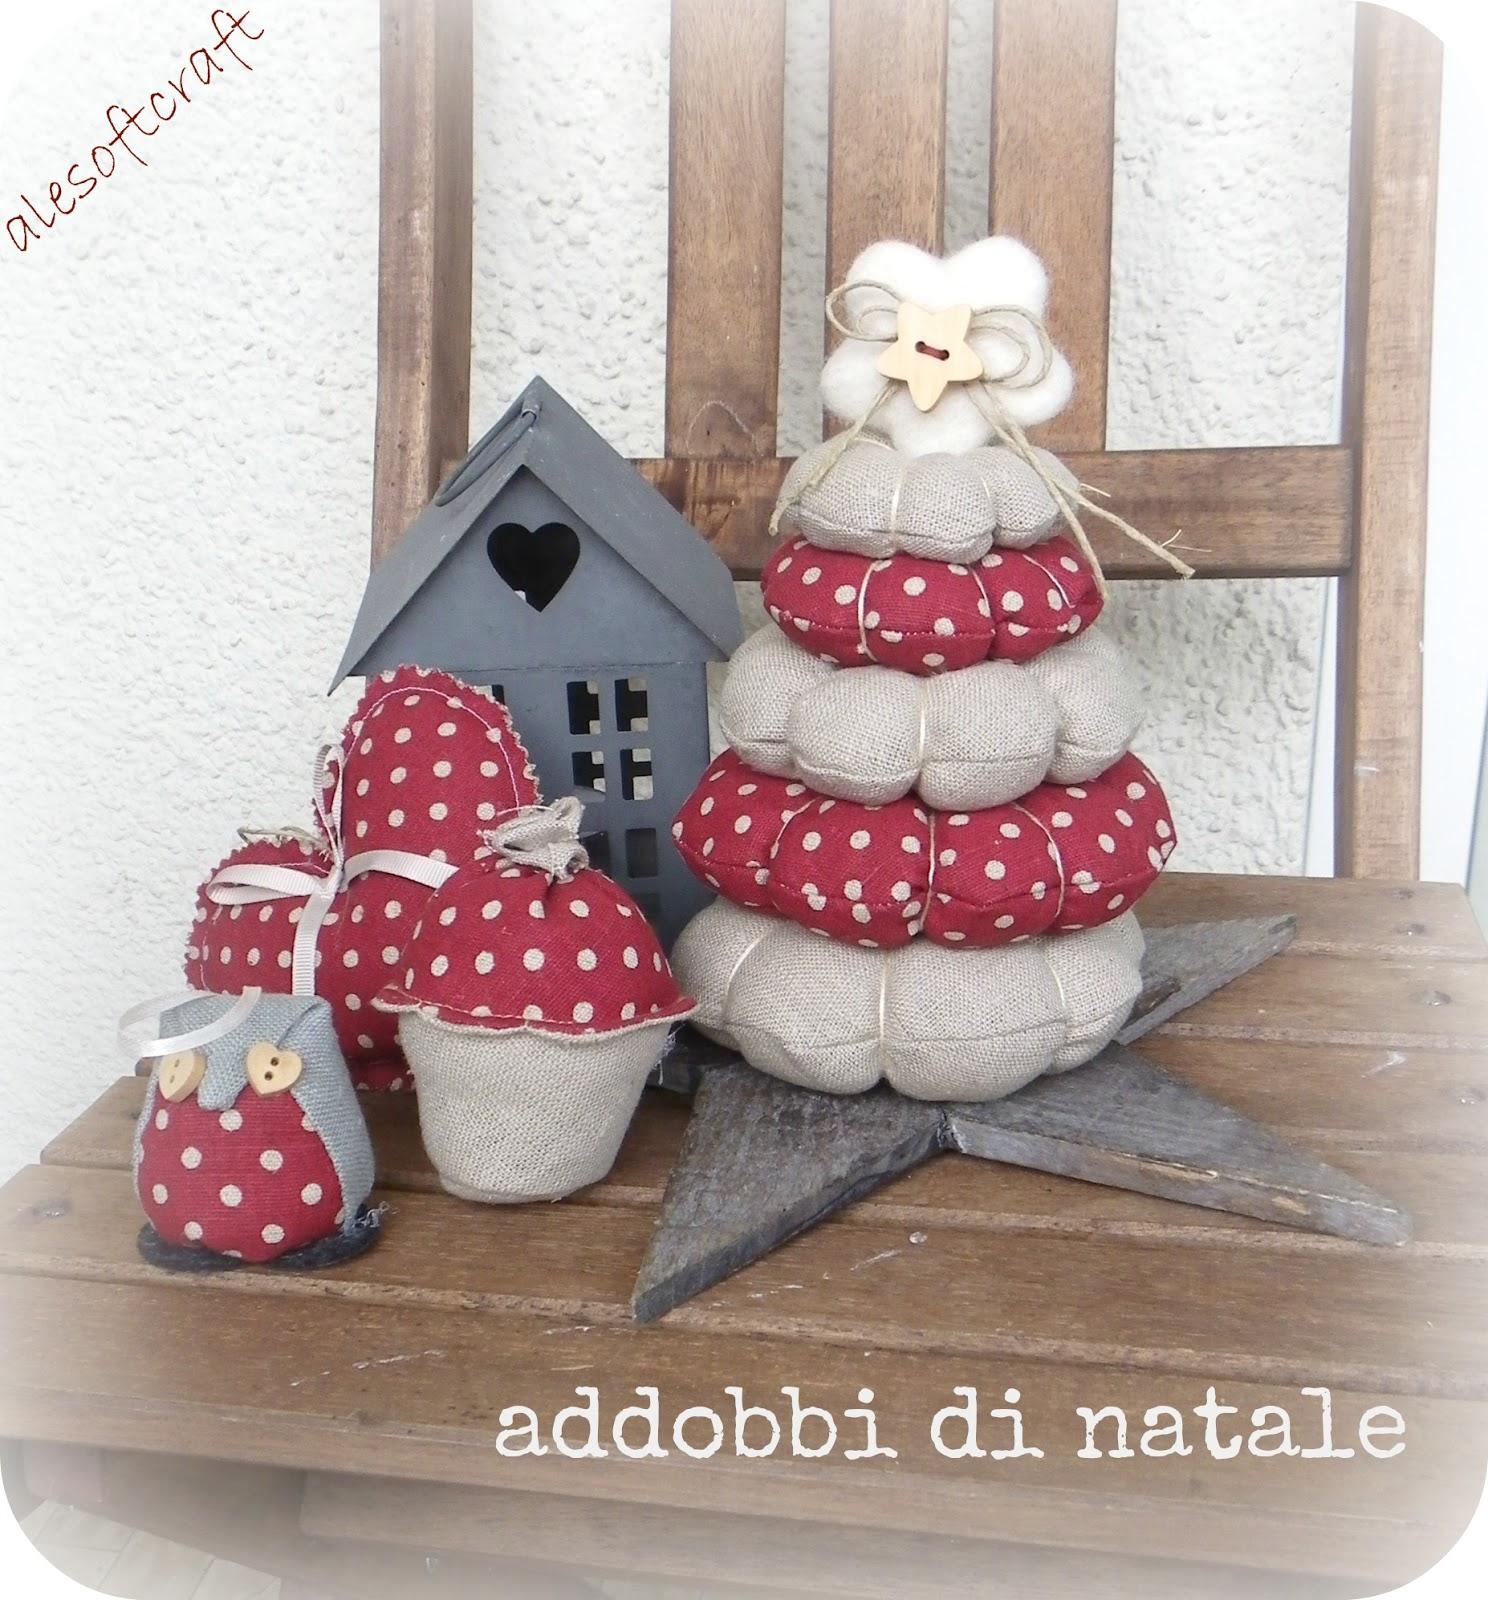 Popolare TESSUTI CREATIVI by Alesoftcraft: addobbi di Natale YQ17